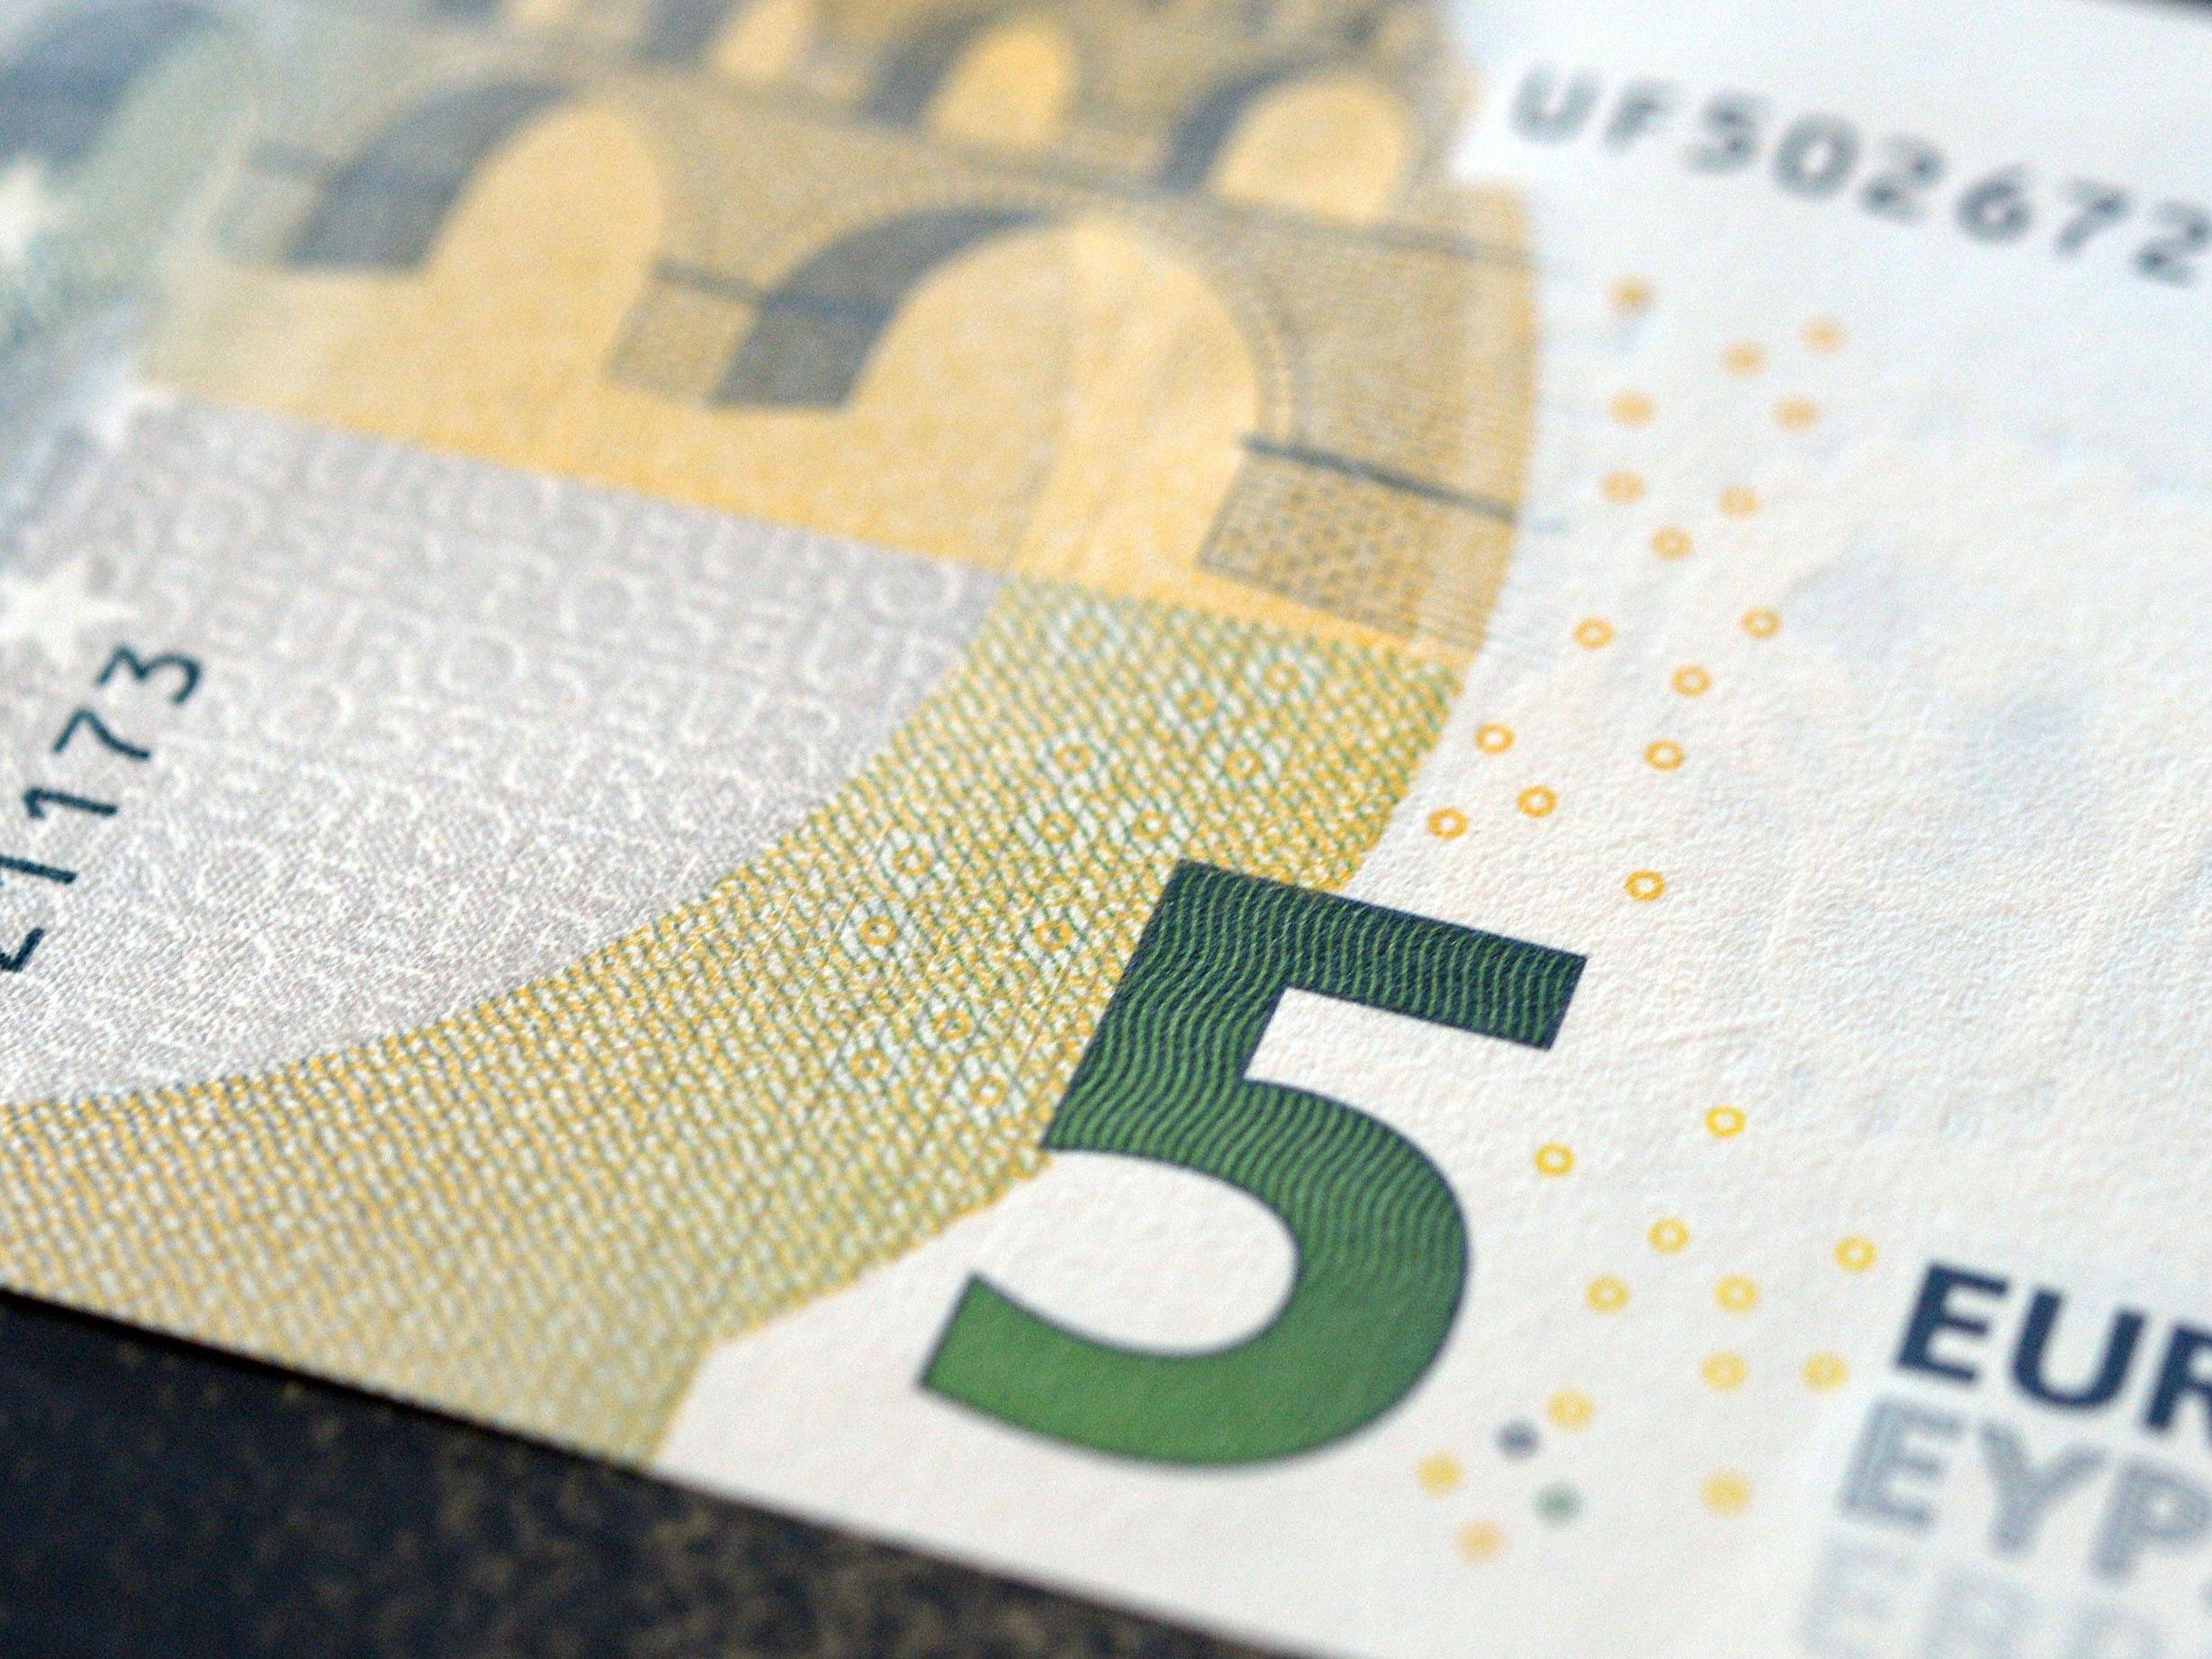 Fünf Euro sollen Schuld an dem Streit gewesen sein.